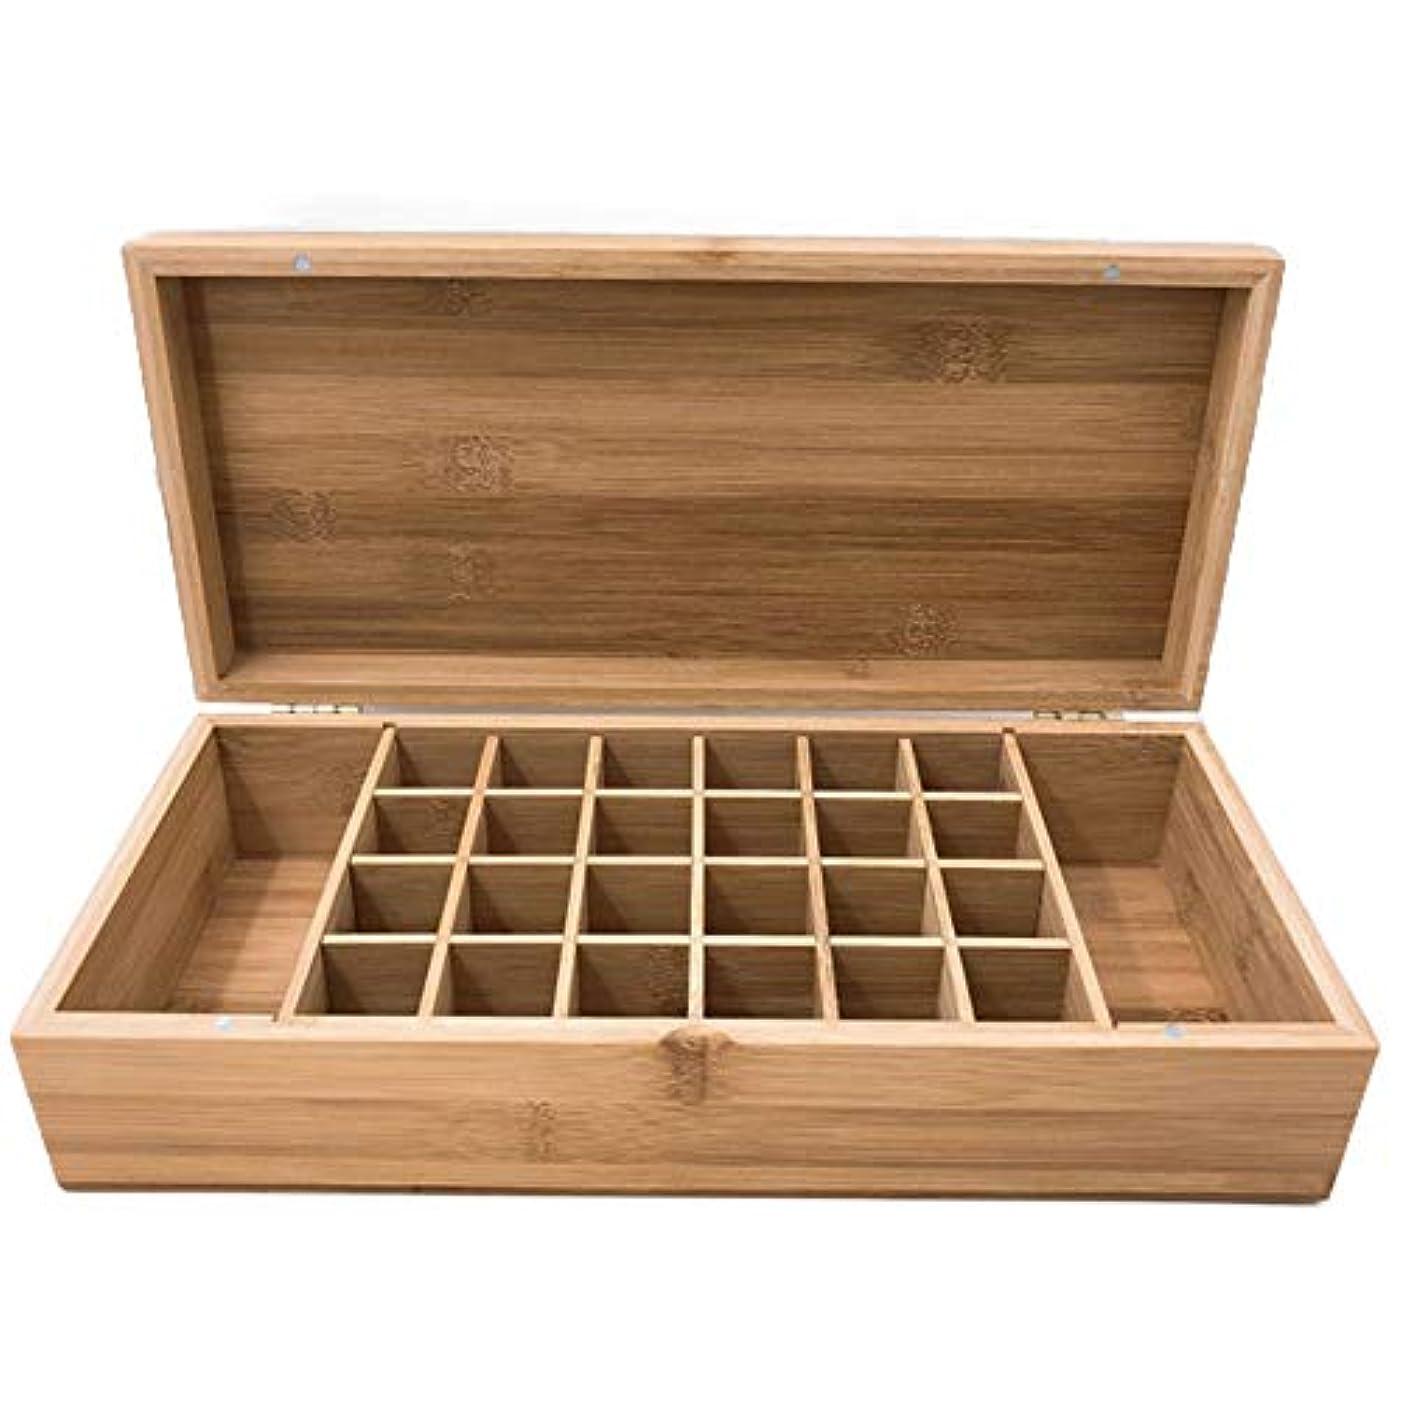 リースブリリアント使い込むエッセンシャルオイルボックス スーツケースエッセンシャルオイルボトル木製収納ボックス26個のスロットが主催 アロマセラピー収納ボックス (色 : Natural, サイズ : 33.5X15X8.3CM)